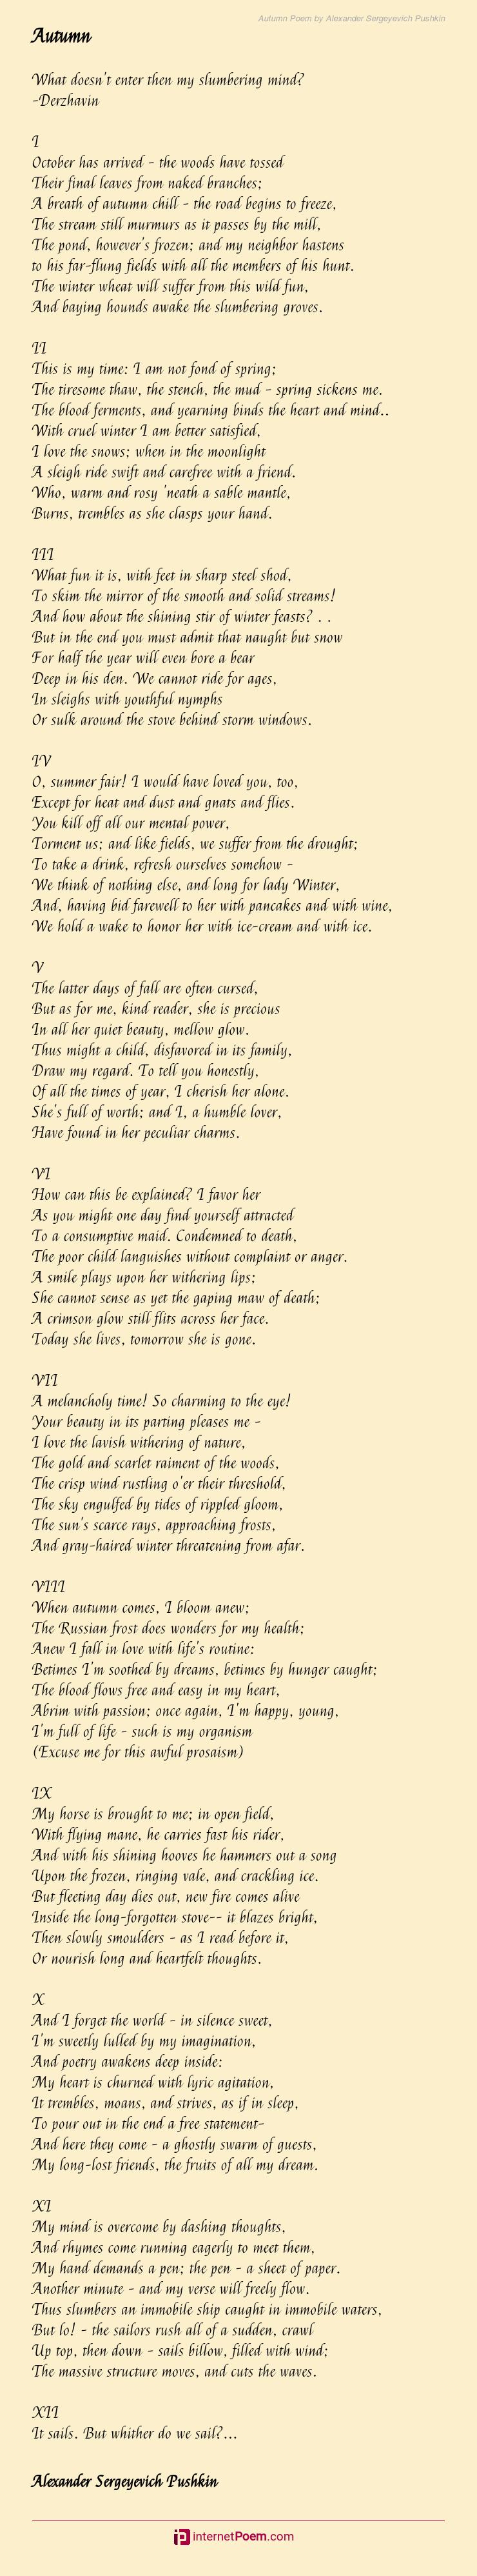 Autumn Poem By Alexander Sergeyevich Pushkin